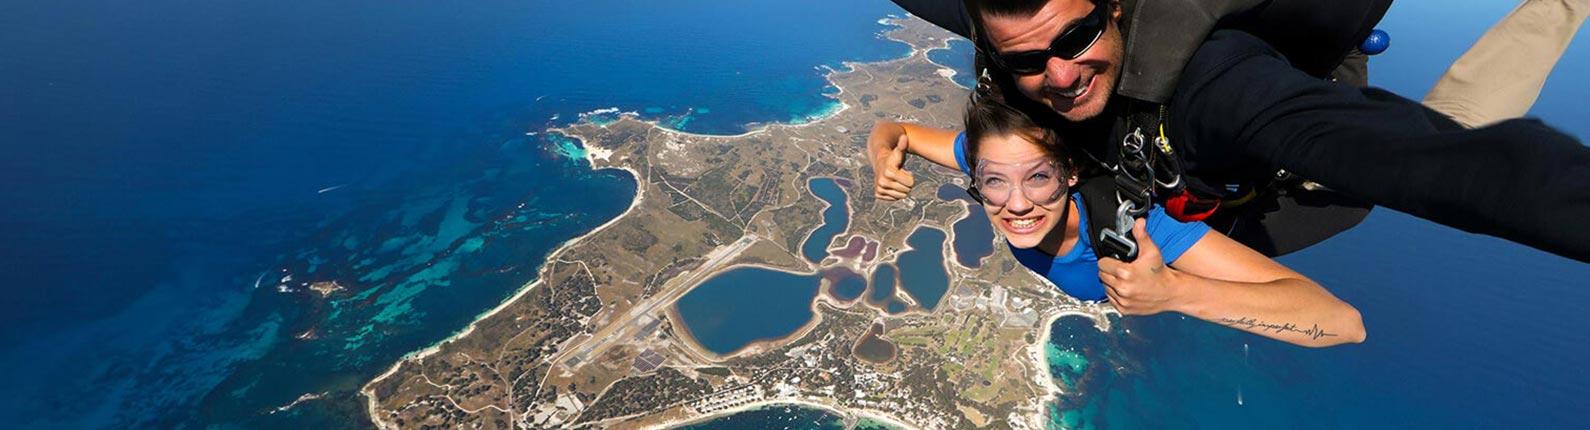 Rotto Skydive